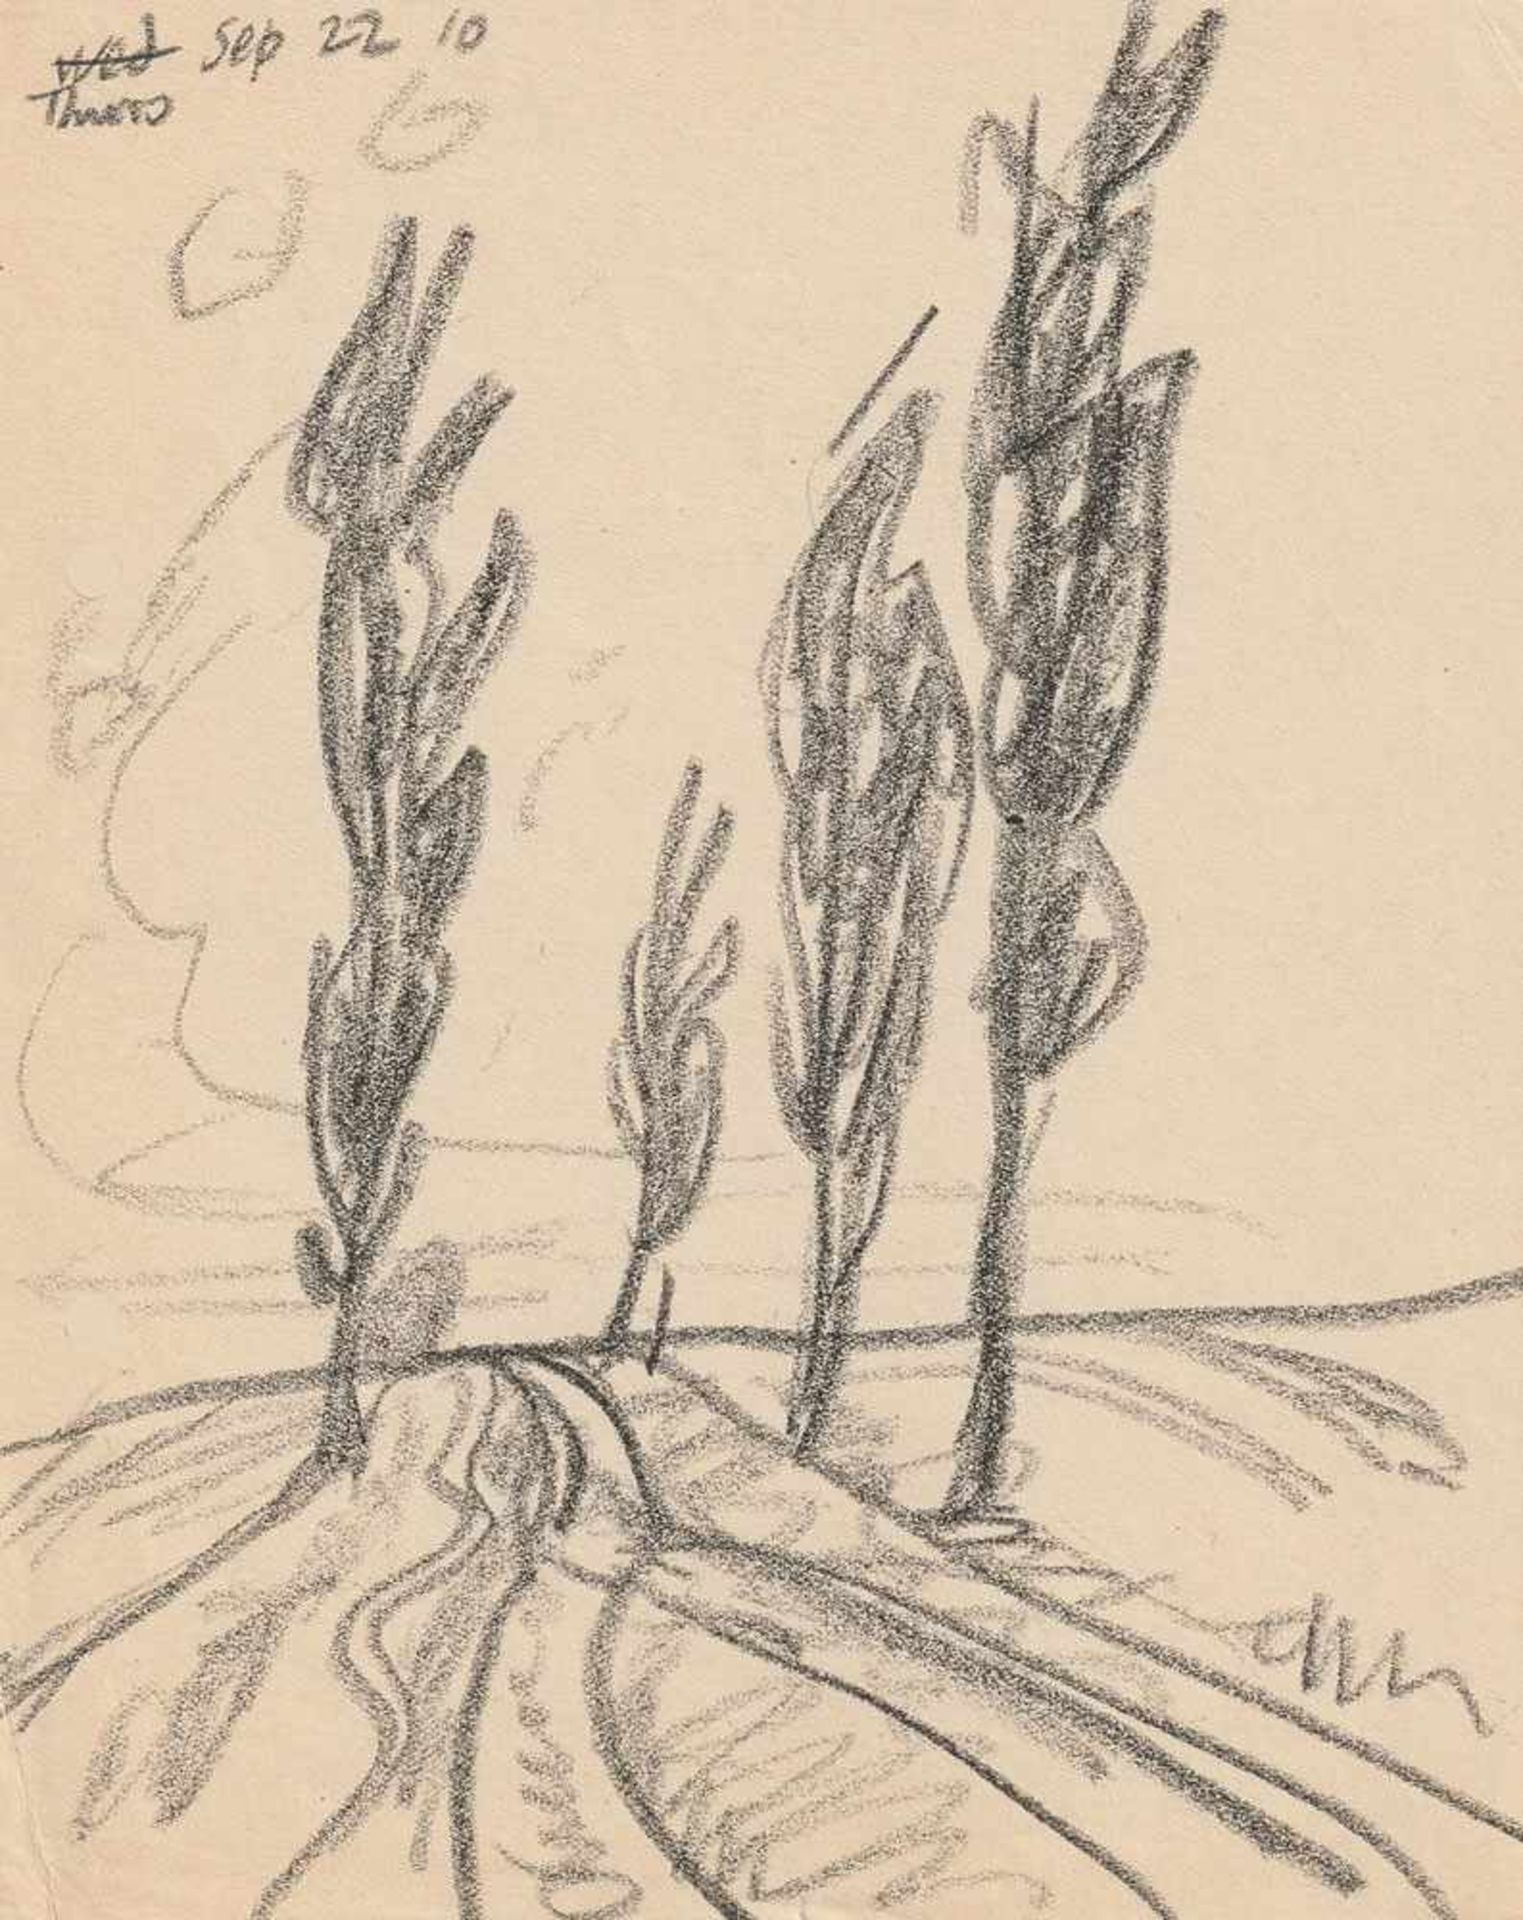 Lyonel Feininger (1871 - New York - 1956) Landstraße mit Bäumen, Neppermin. Bleisiftzeichnung.